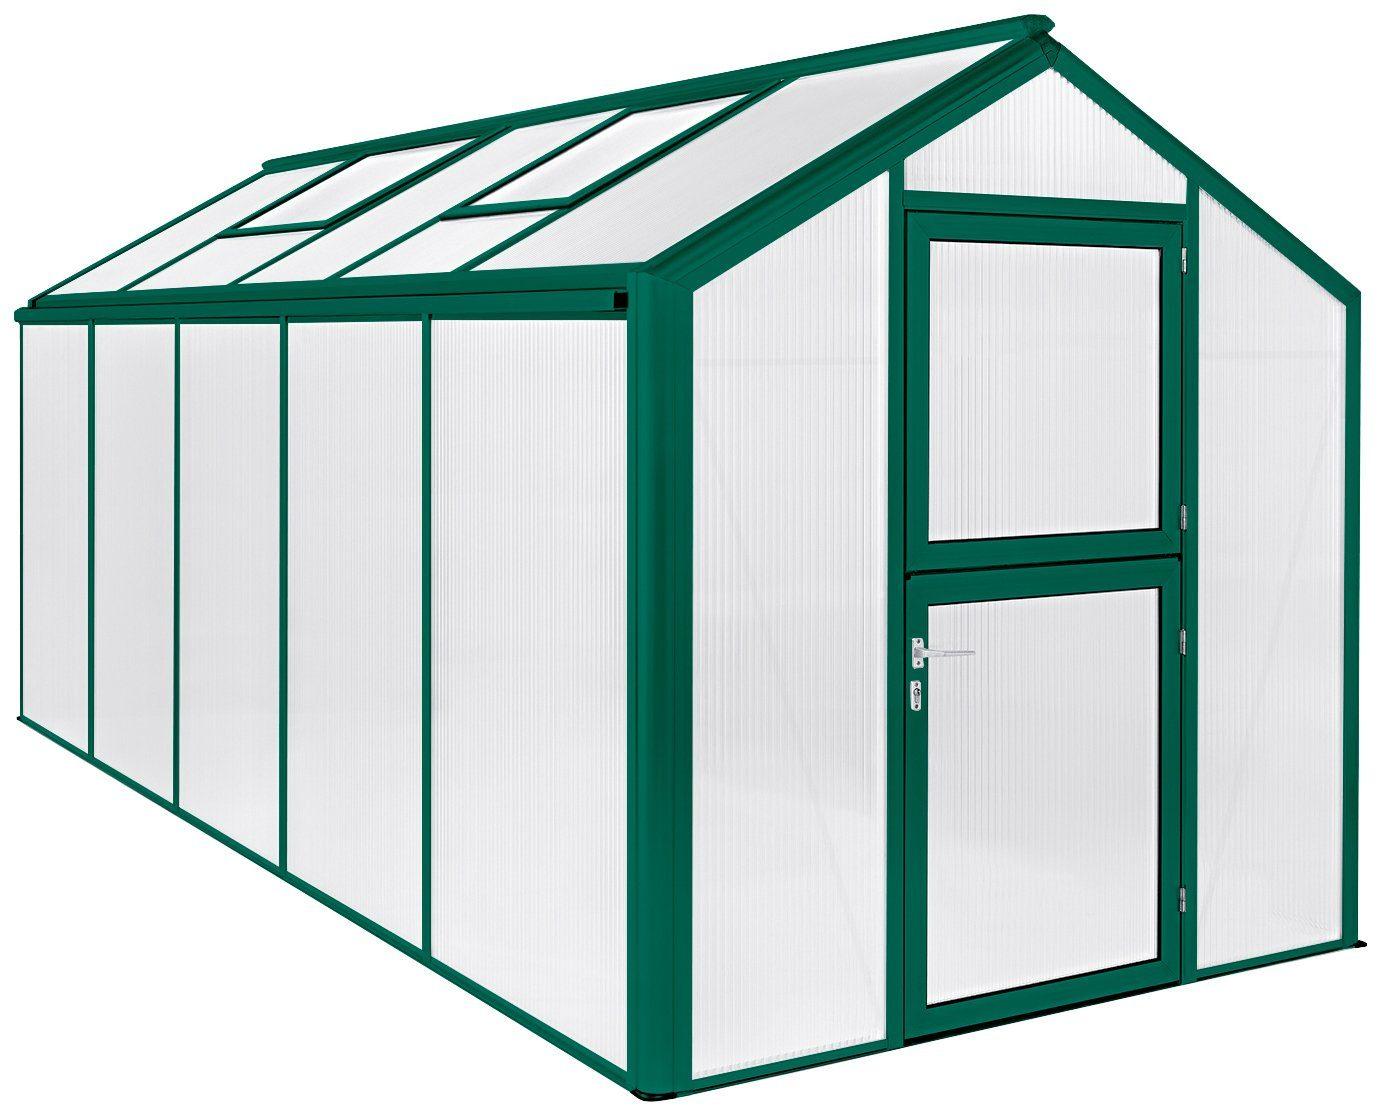 BECKMANN Gewächshaus »Allplanta U4«, BxT: 215x507 cm, grün